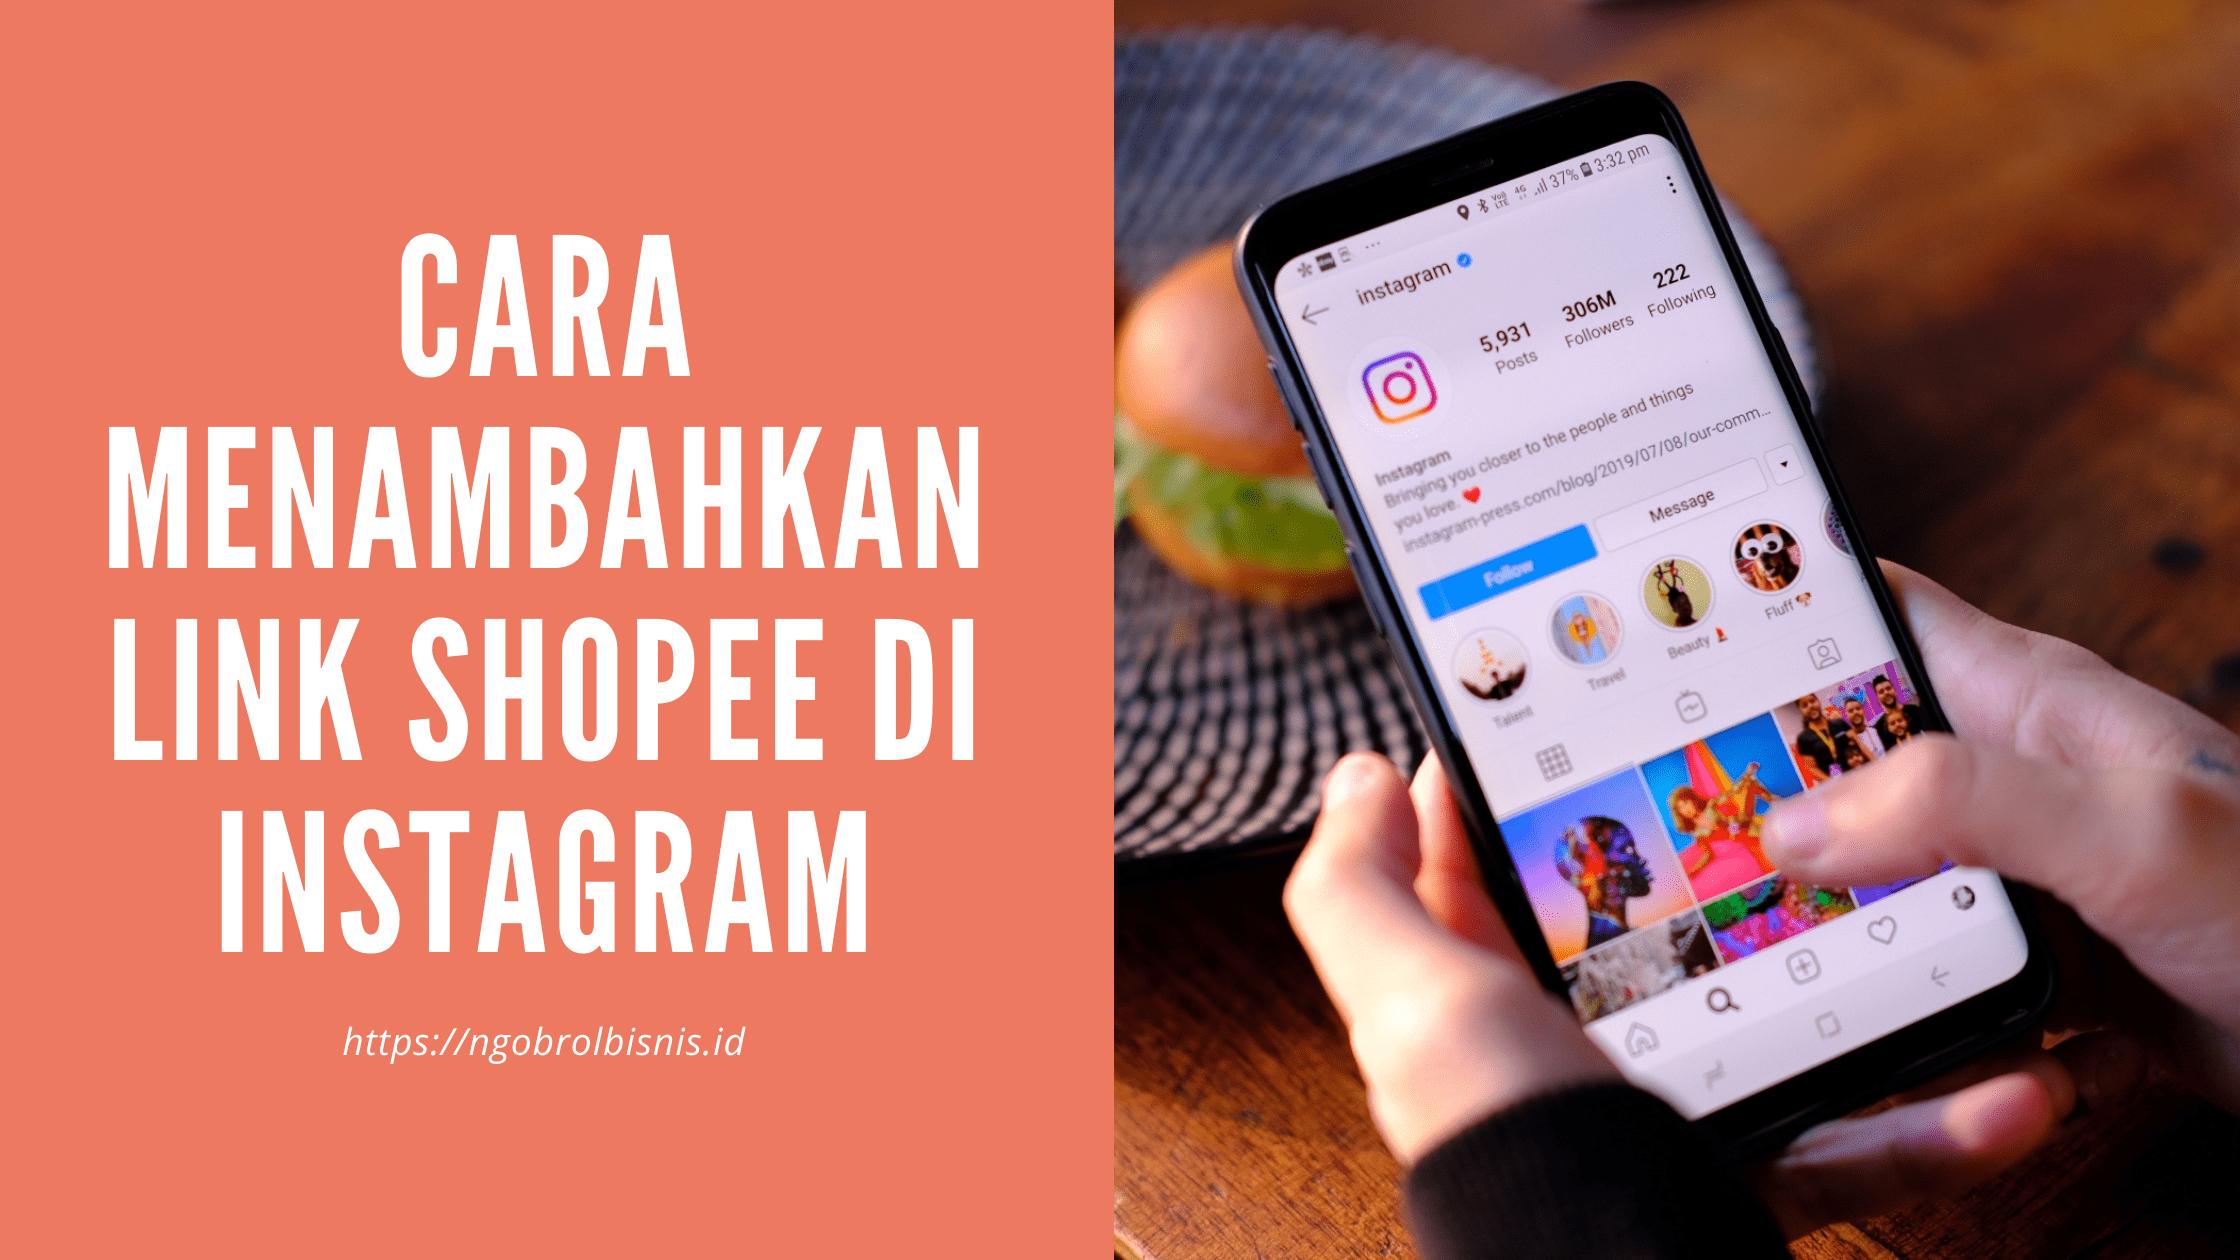 Cara Menambahkan Link Shopee di Instagram